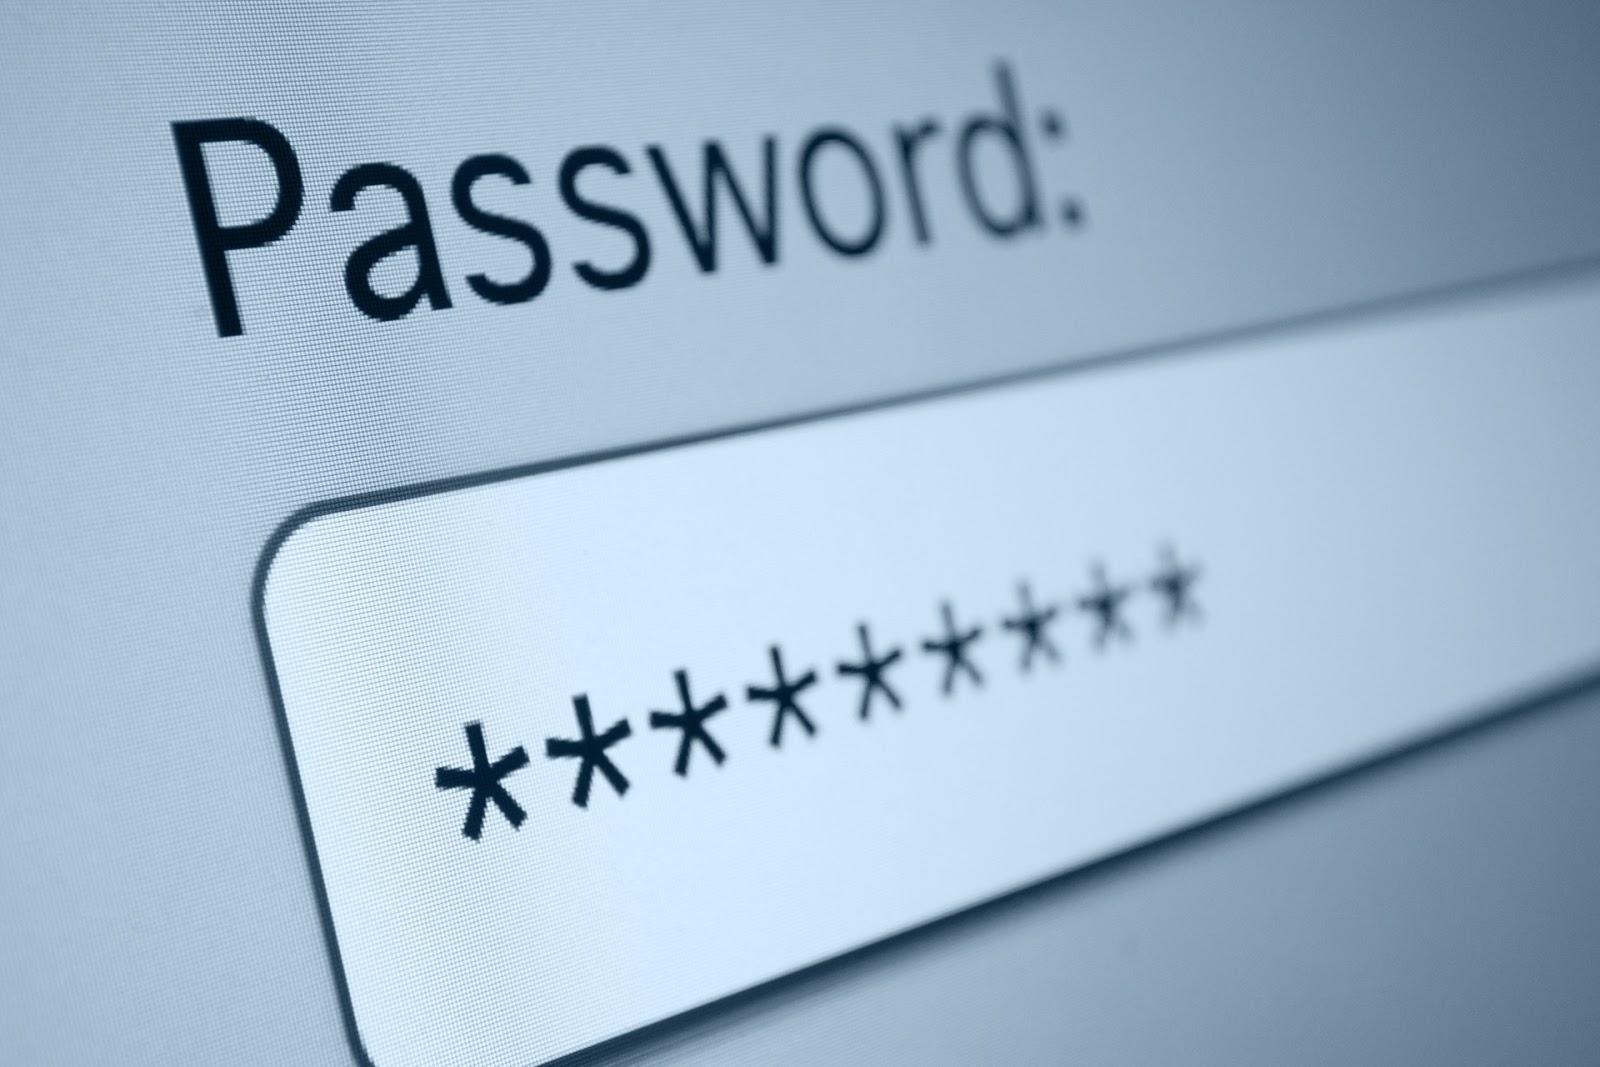 25 Password yang Paling Banyak Digunakan